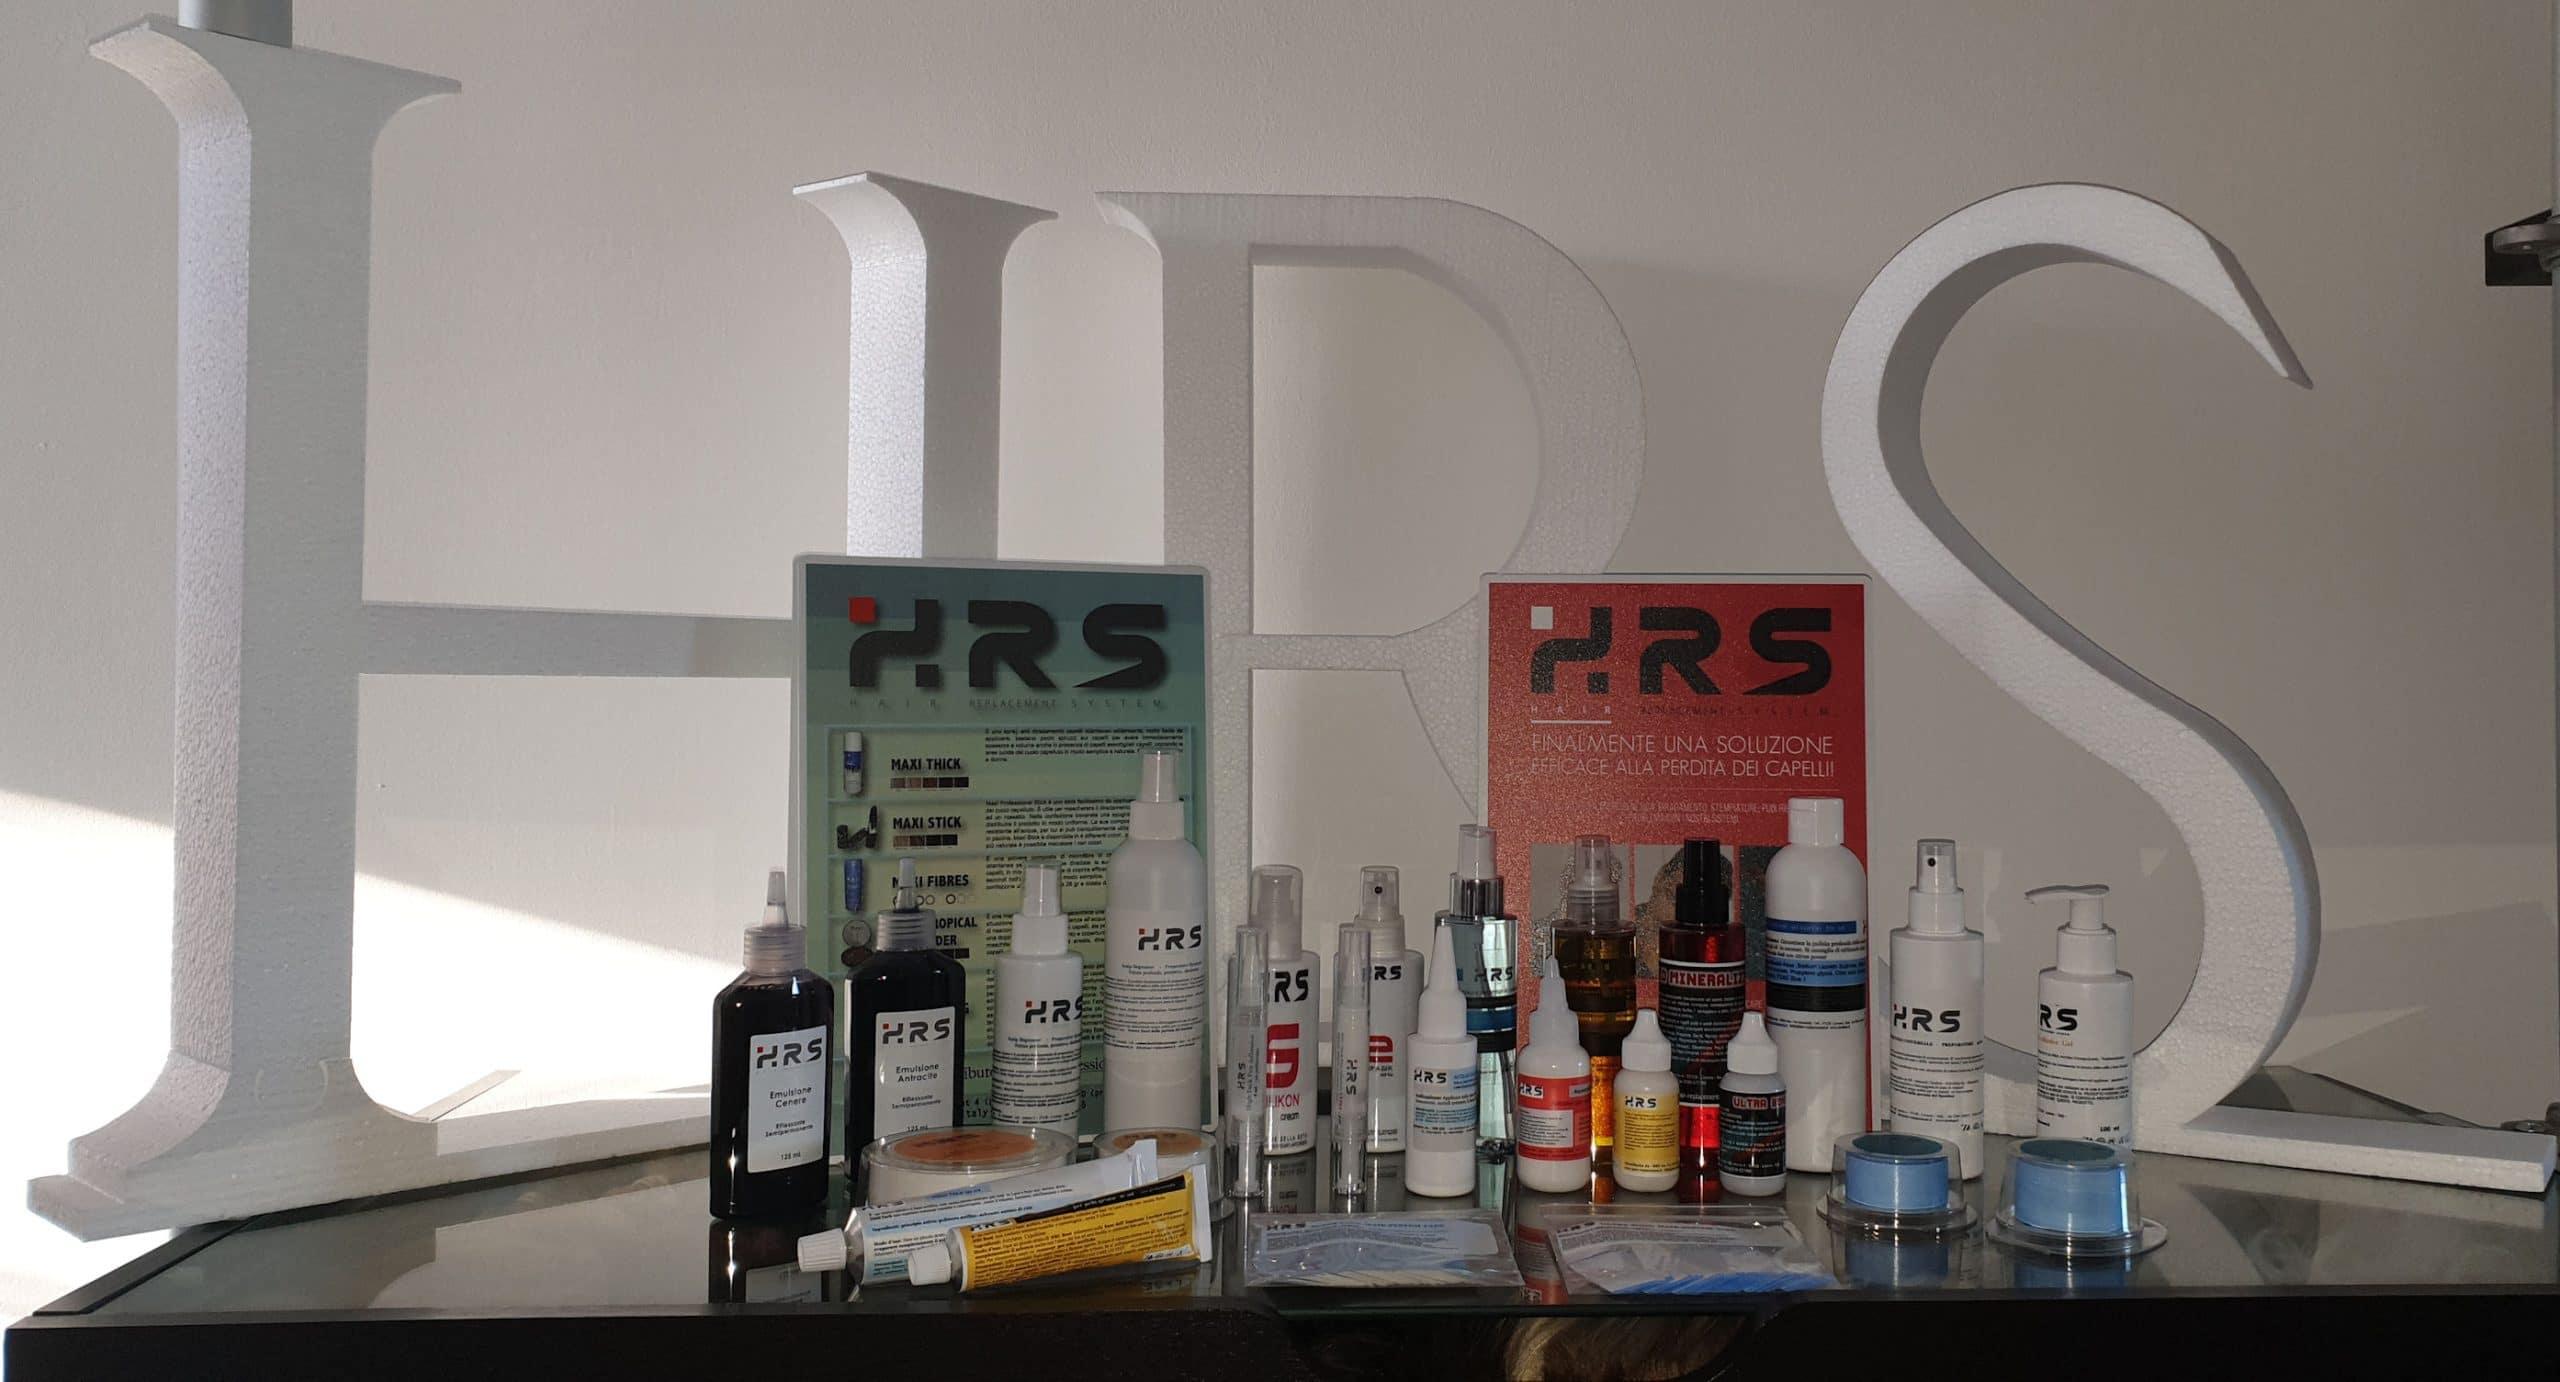 hrs shop prodotti protesi capelli online